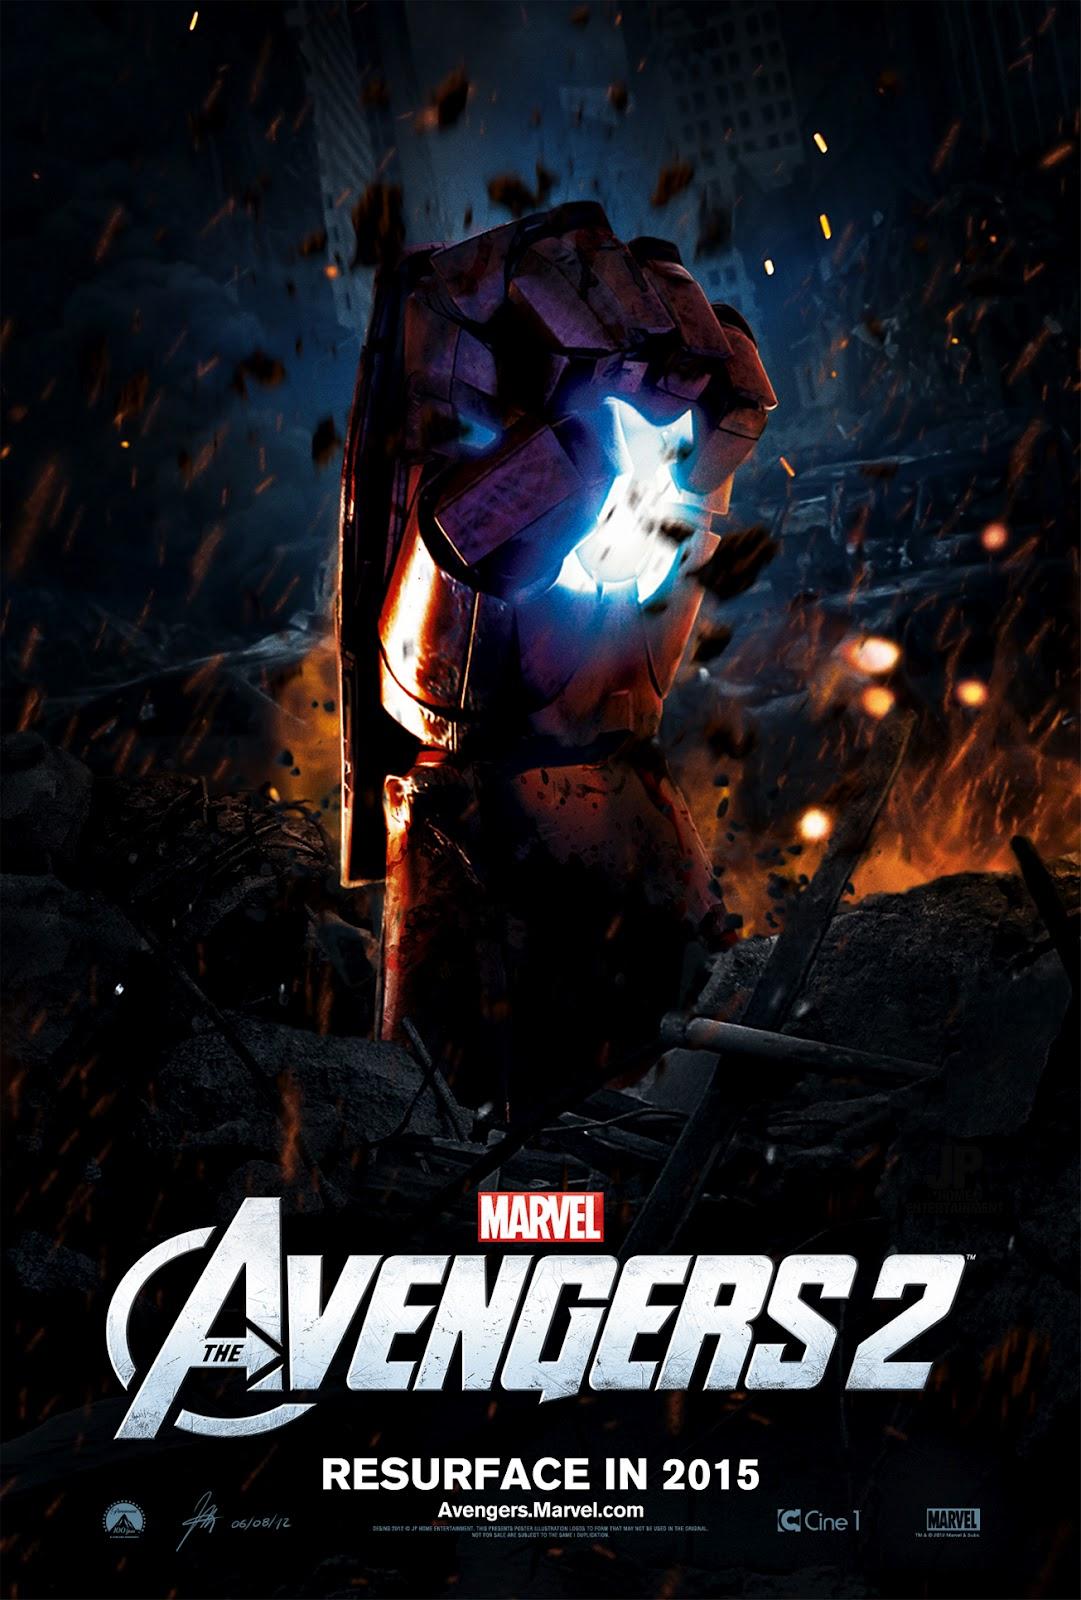 http://1.bp.blogspot.com/-q1G10UIQcZ0/UCBRaCvhOjI/AAAAAAAAD4g/7dEzvFS1QvE/s1600/The_Avengers_2_Teaser_Provisional_Cine_1.jpg